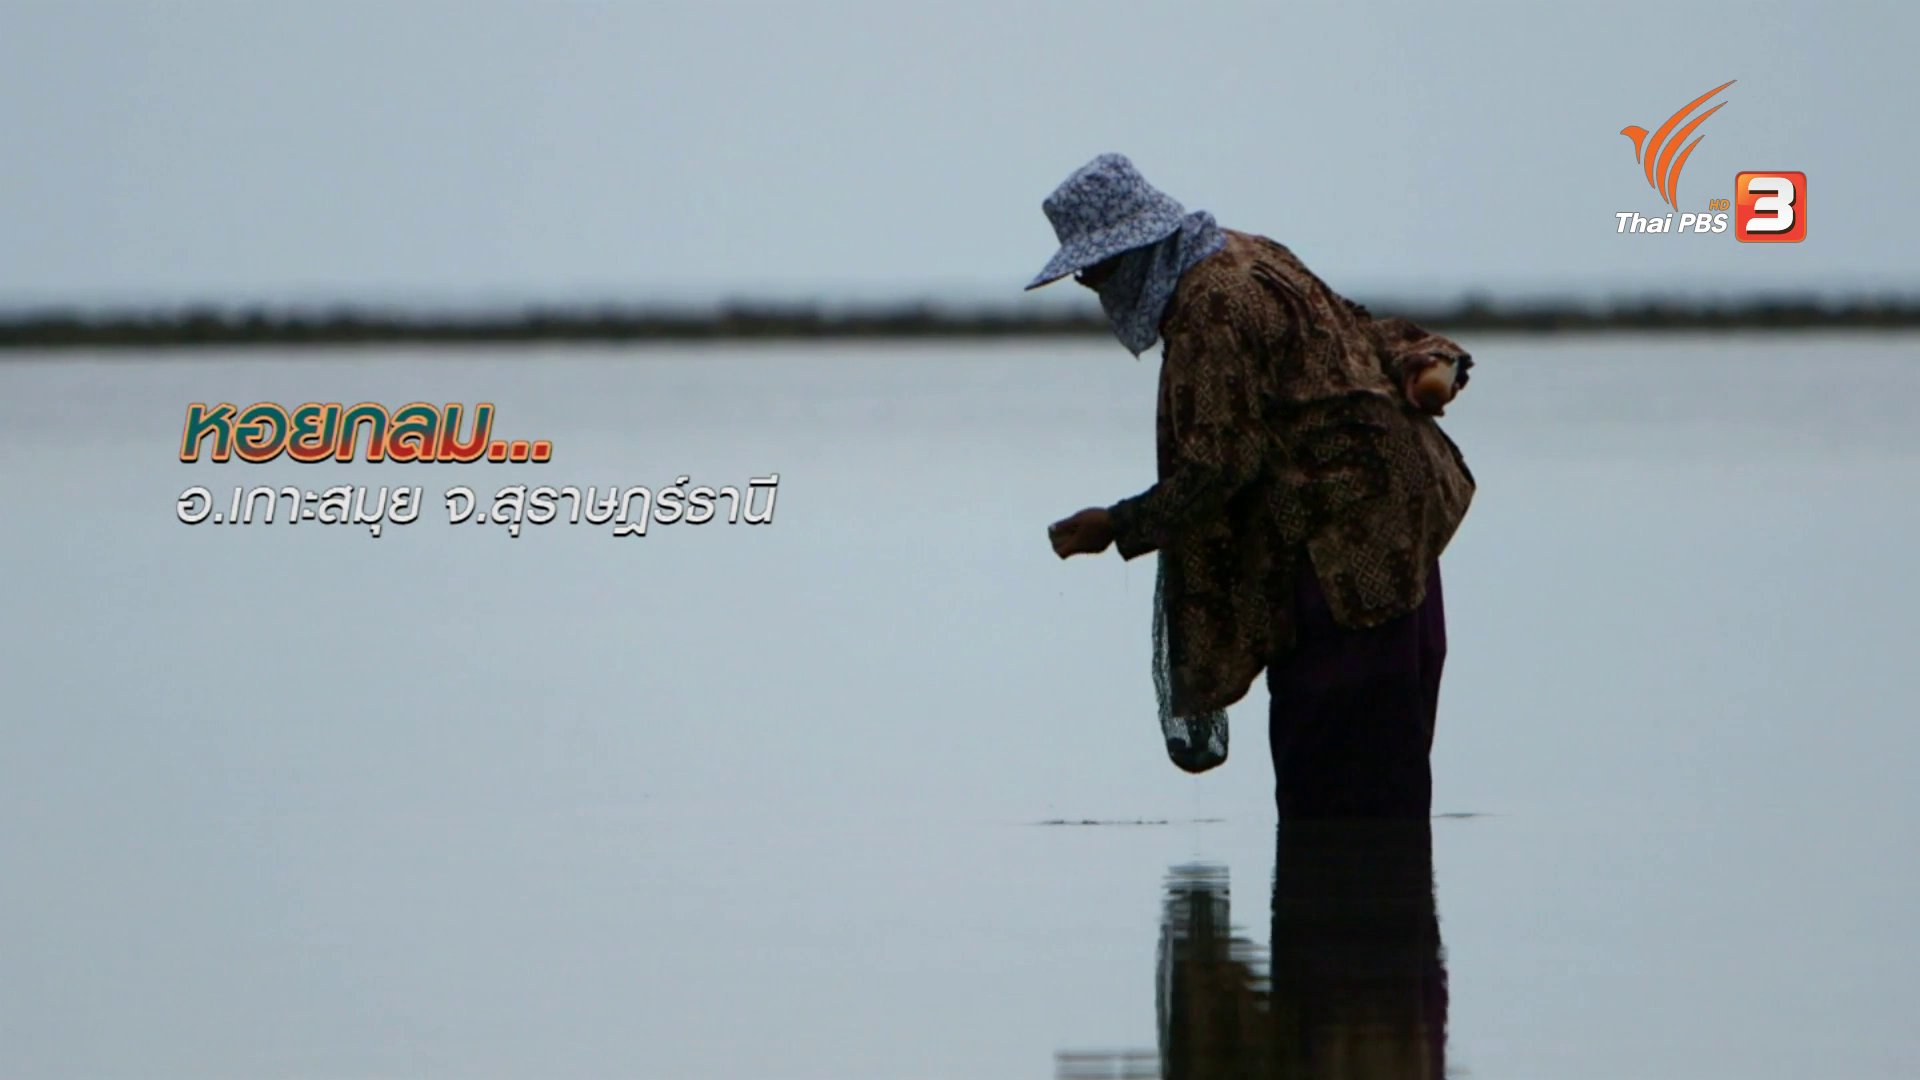 ข่าวค่ำ มิติใหม่ทั่วไทย - ตะลุยทั่วไทย : หอยกลม